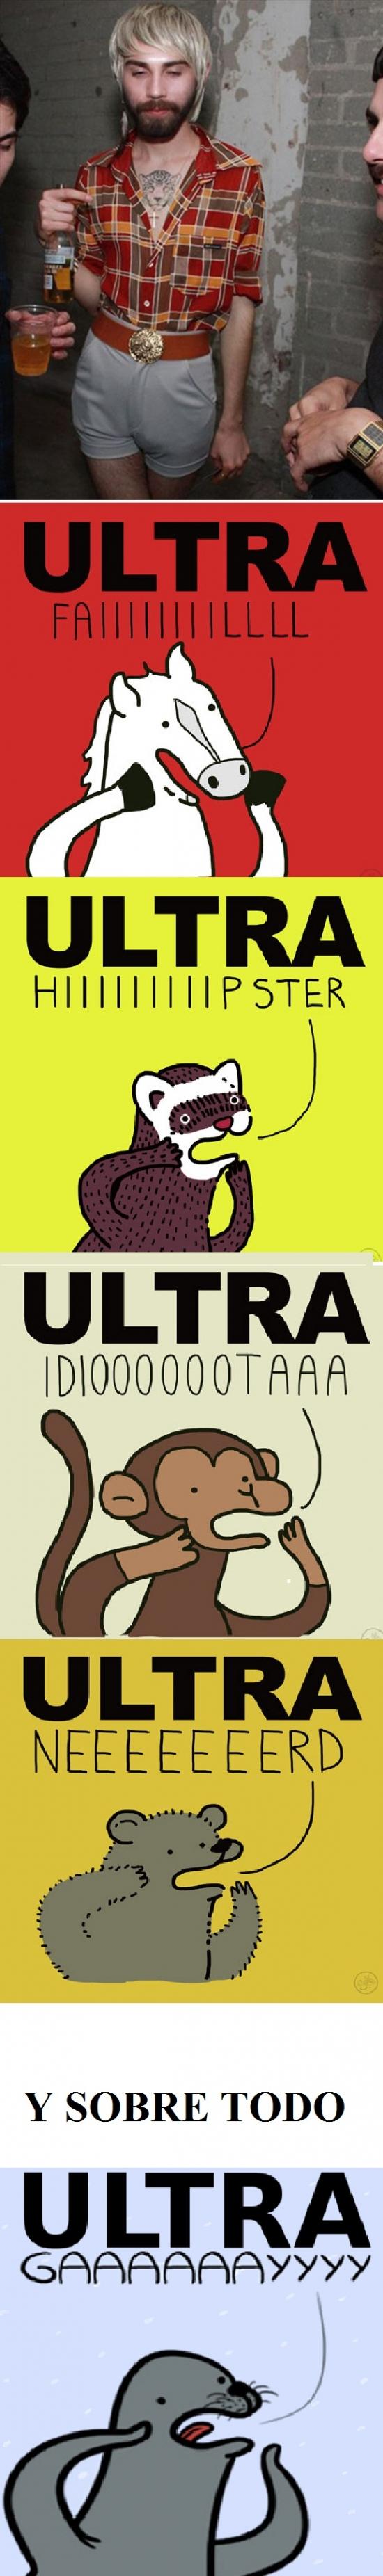 caballo,fail,hipster,homofobo,homophobic seal,idiota,mapache,mono,nerd,oso,ultra